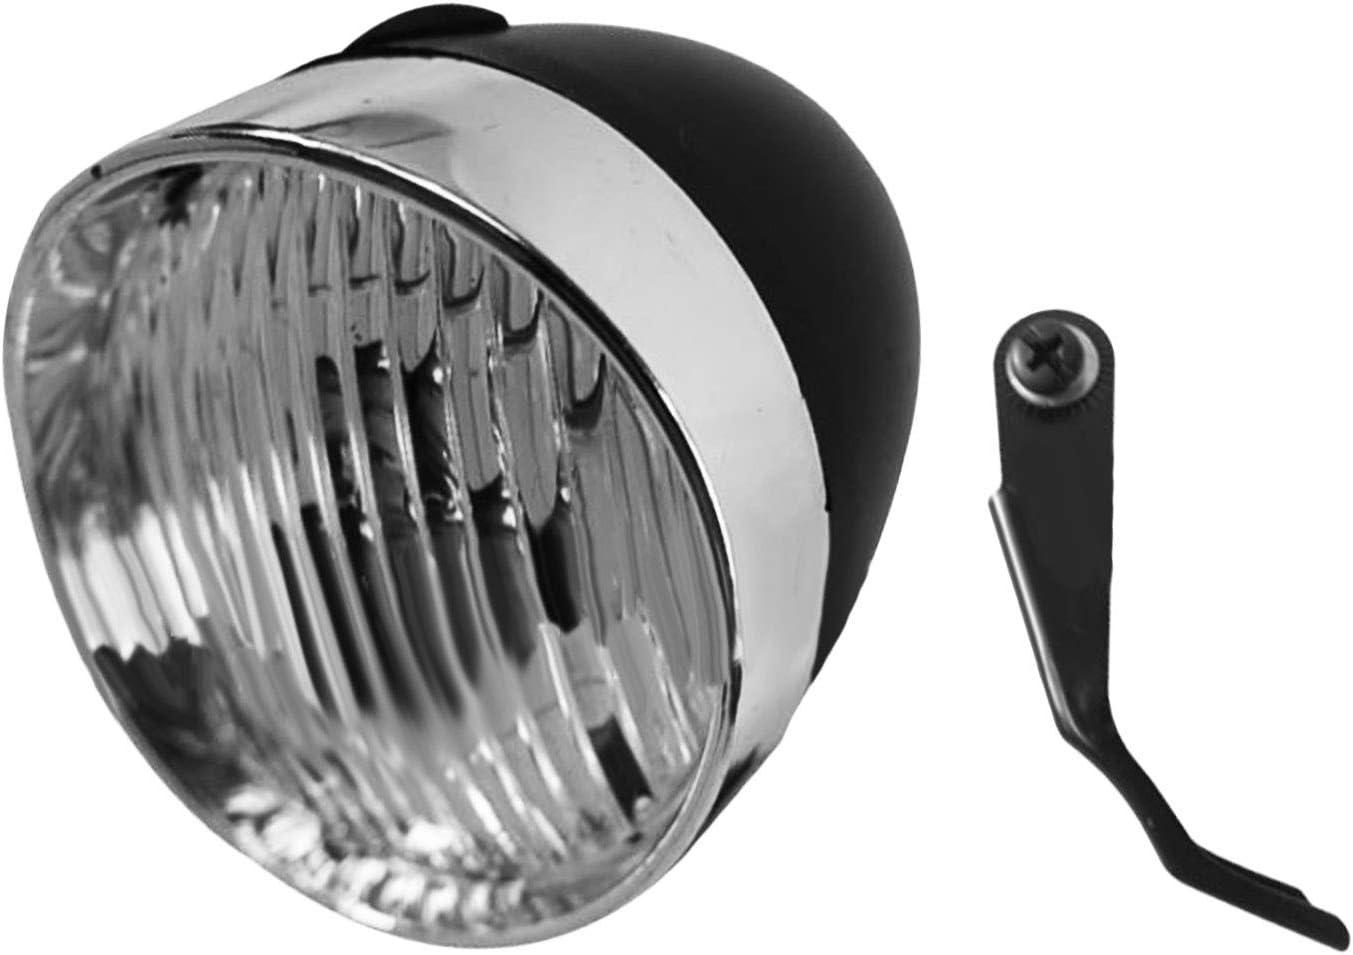 Retro LED Ajustable Faro luz Delantera Compatible con Xiaomi Xiao Mi Mijia M365 Pro Ninebot ES1 ES2 Scooter eléctrico